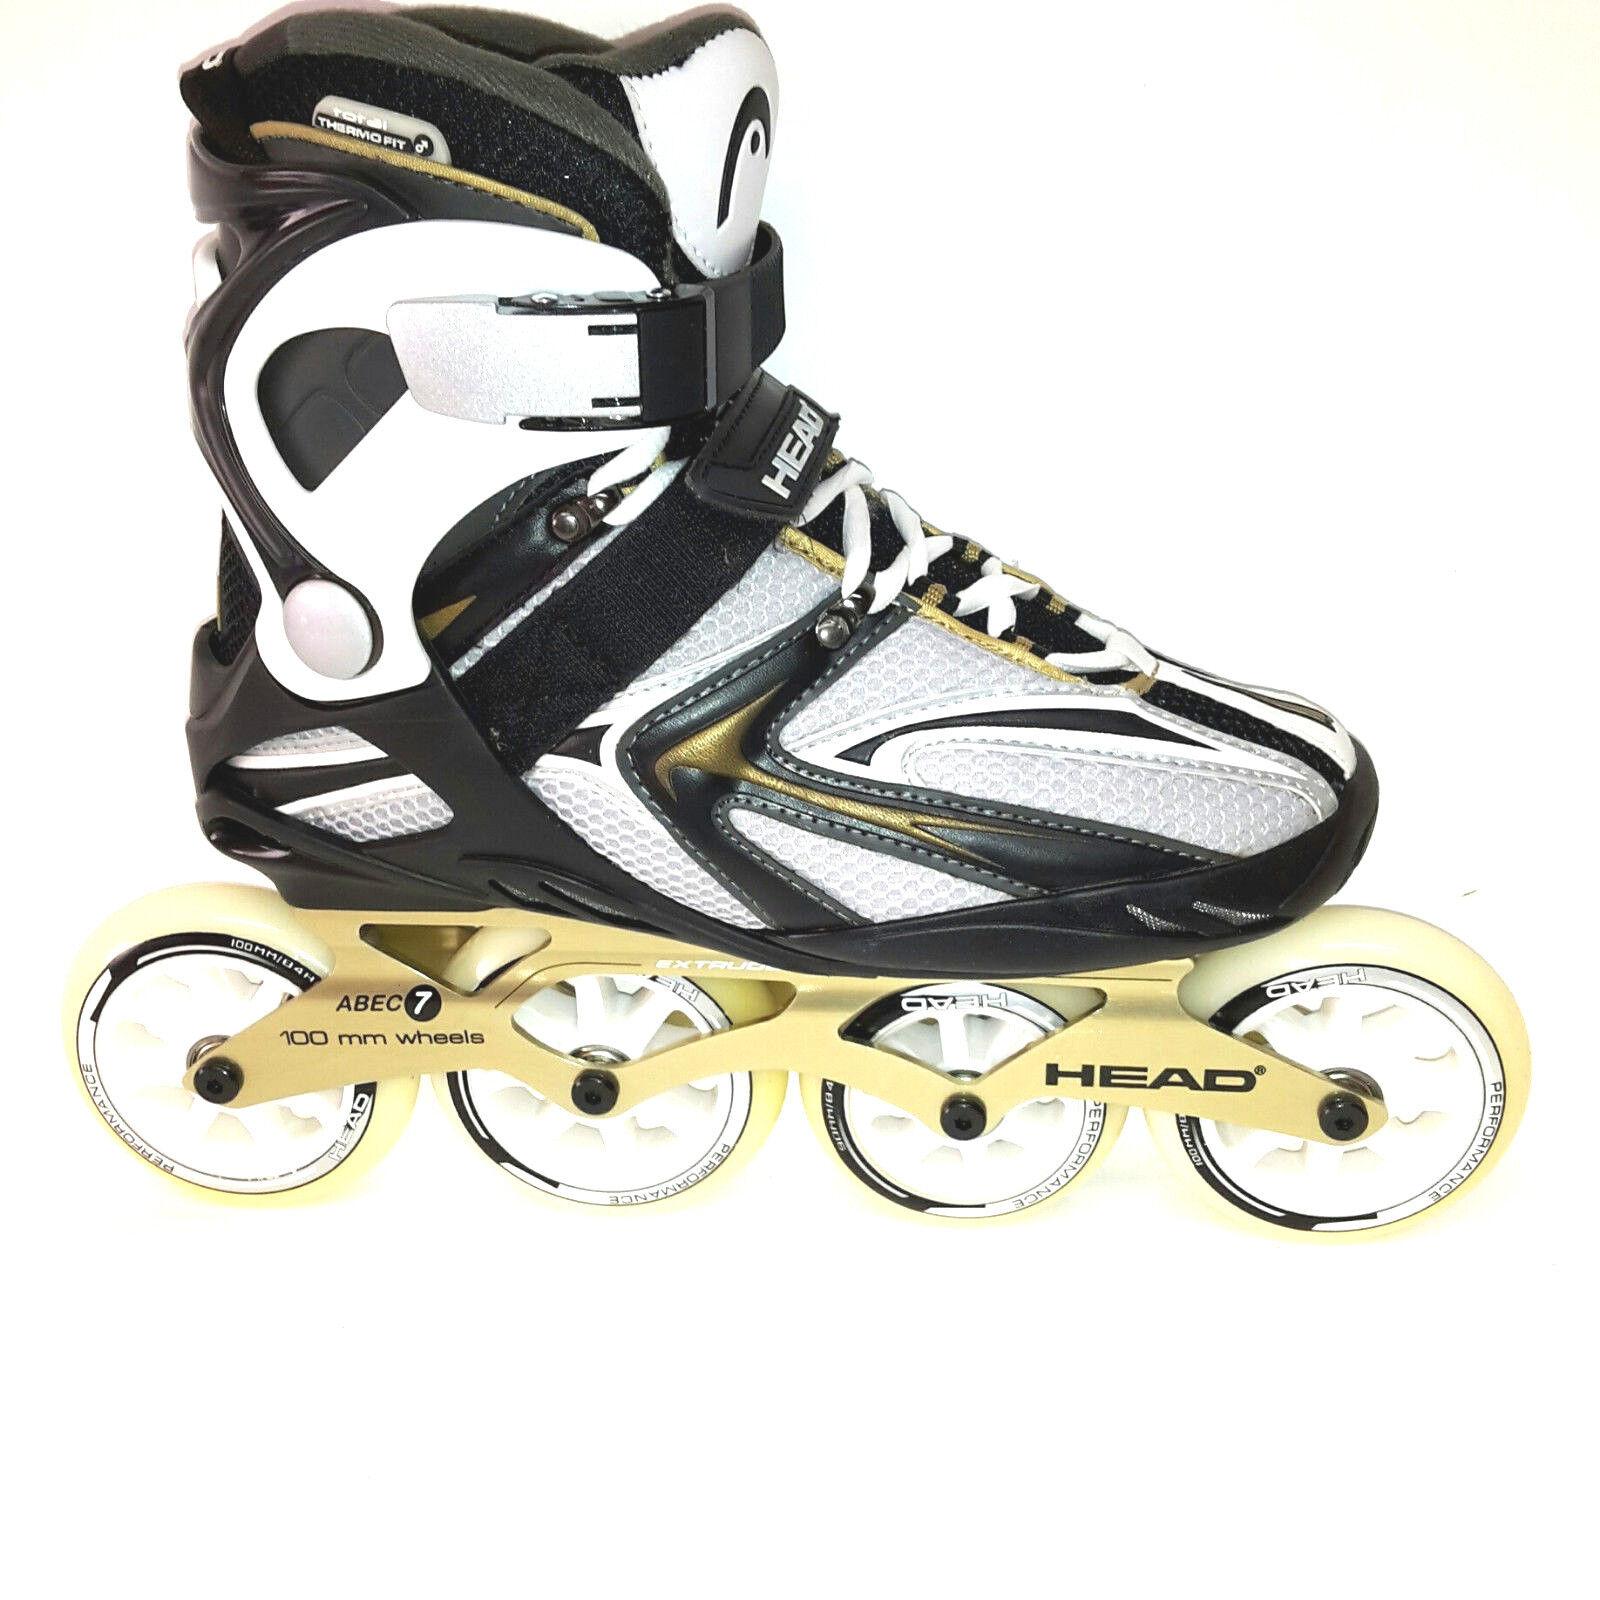 HEAD Inlineskates Training 100 Fitness Skate Gr. 41 41 41 Speedskate 100mm Abec 7  | Authentische Garantie  b0add1